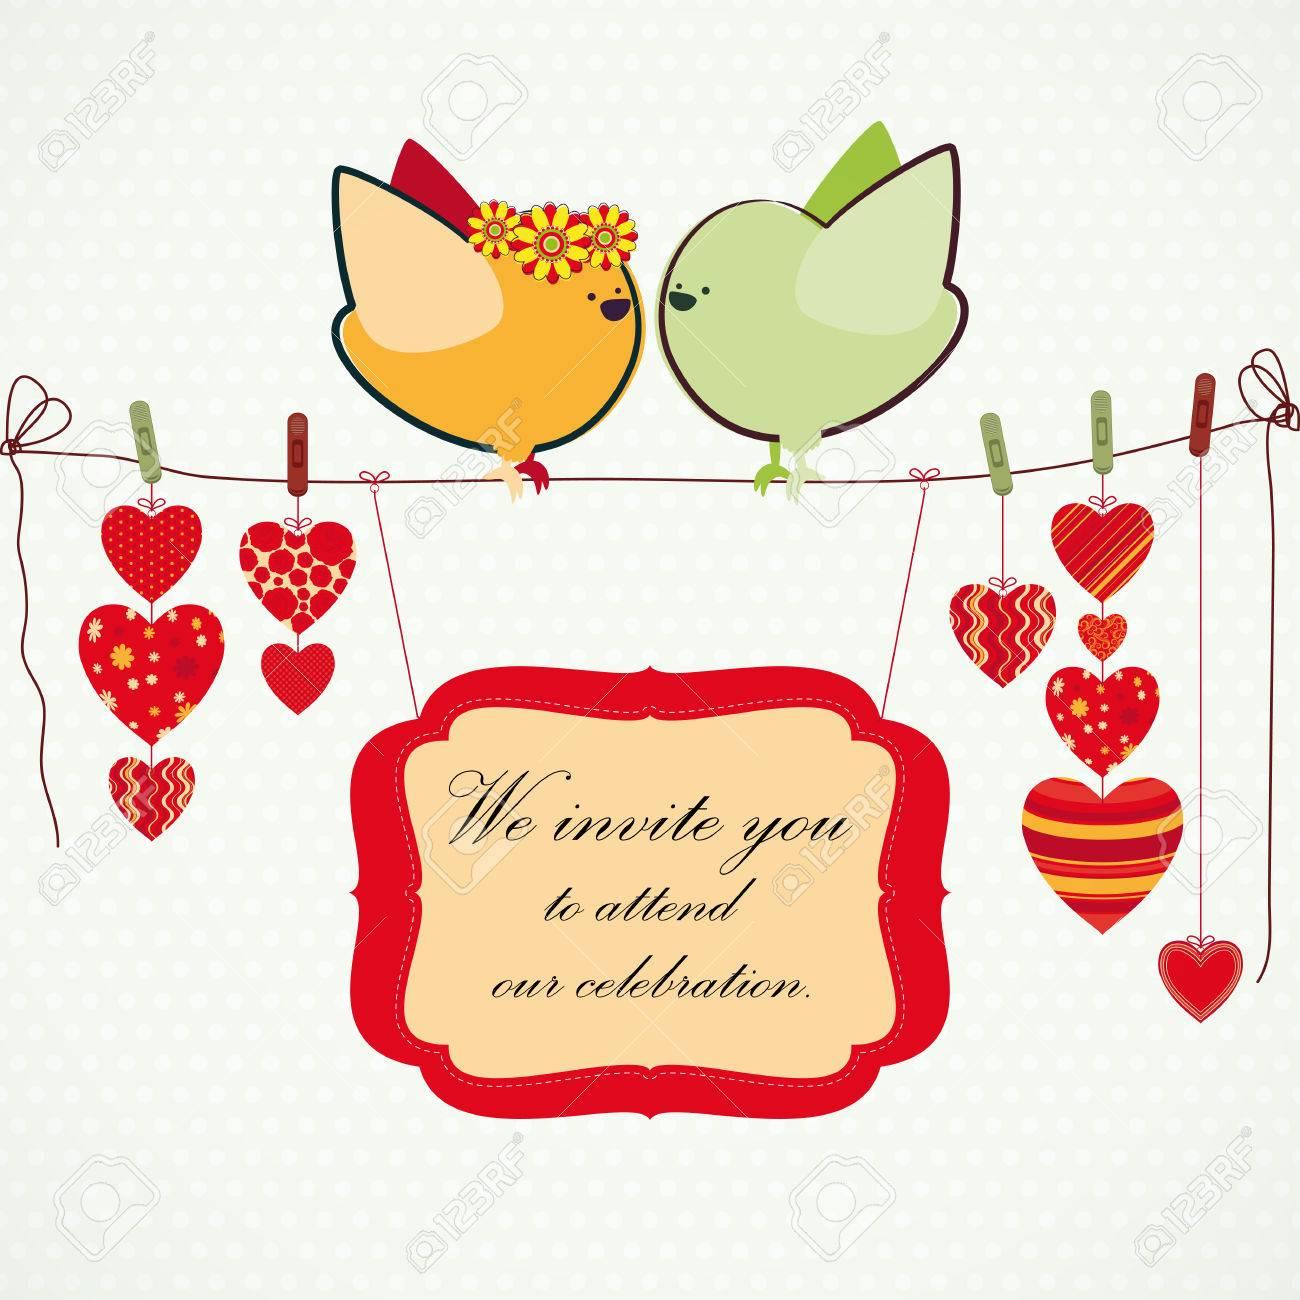 Einladung Hintergrund Paar Birdies Herzen Auf Die Bejahrt Bilder